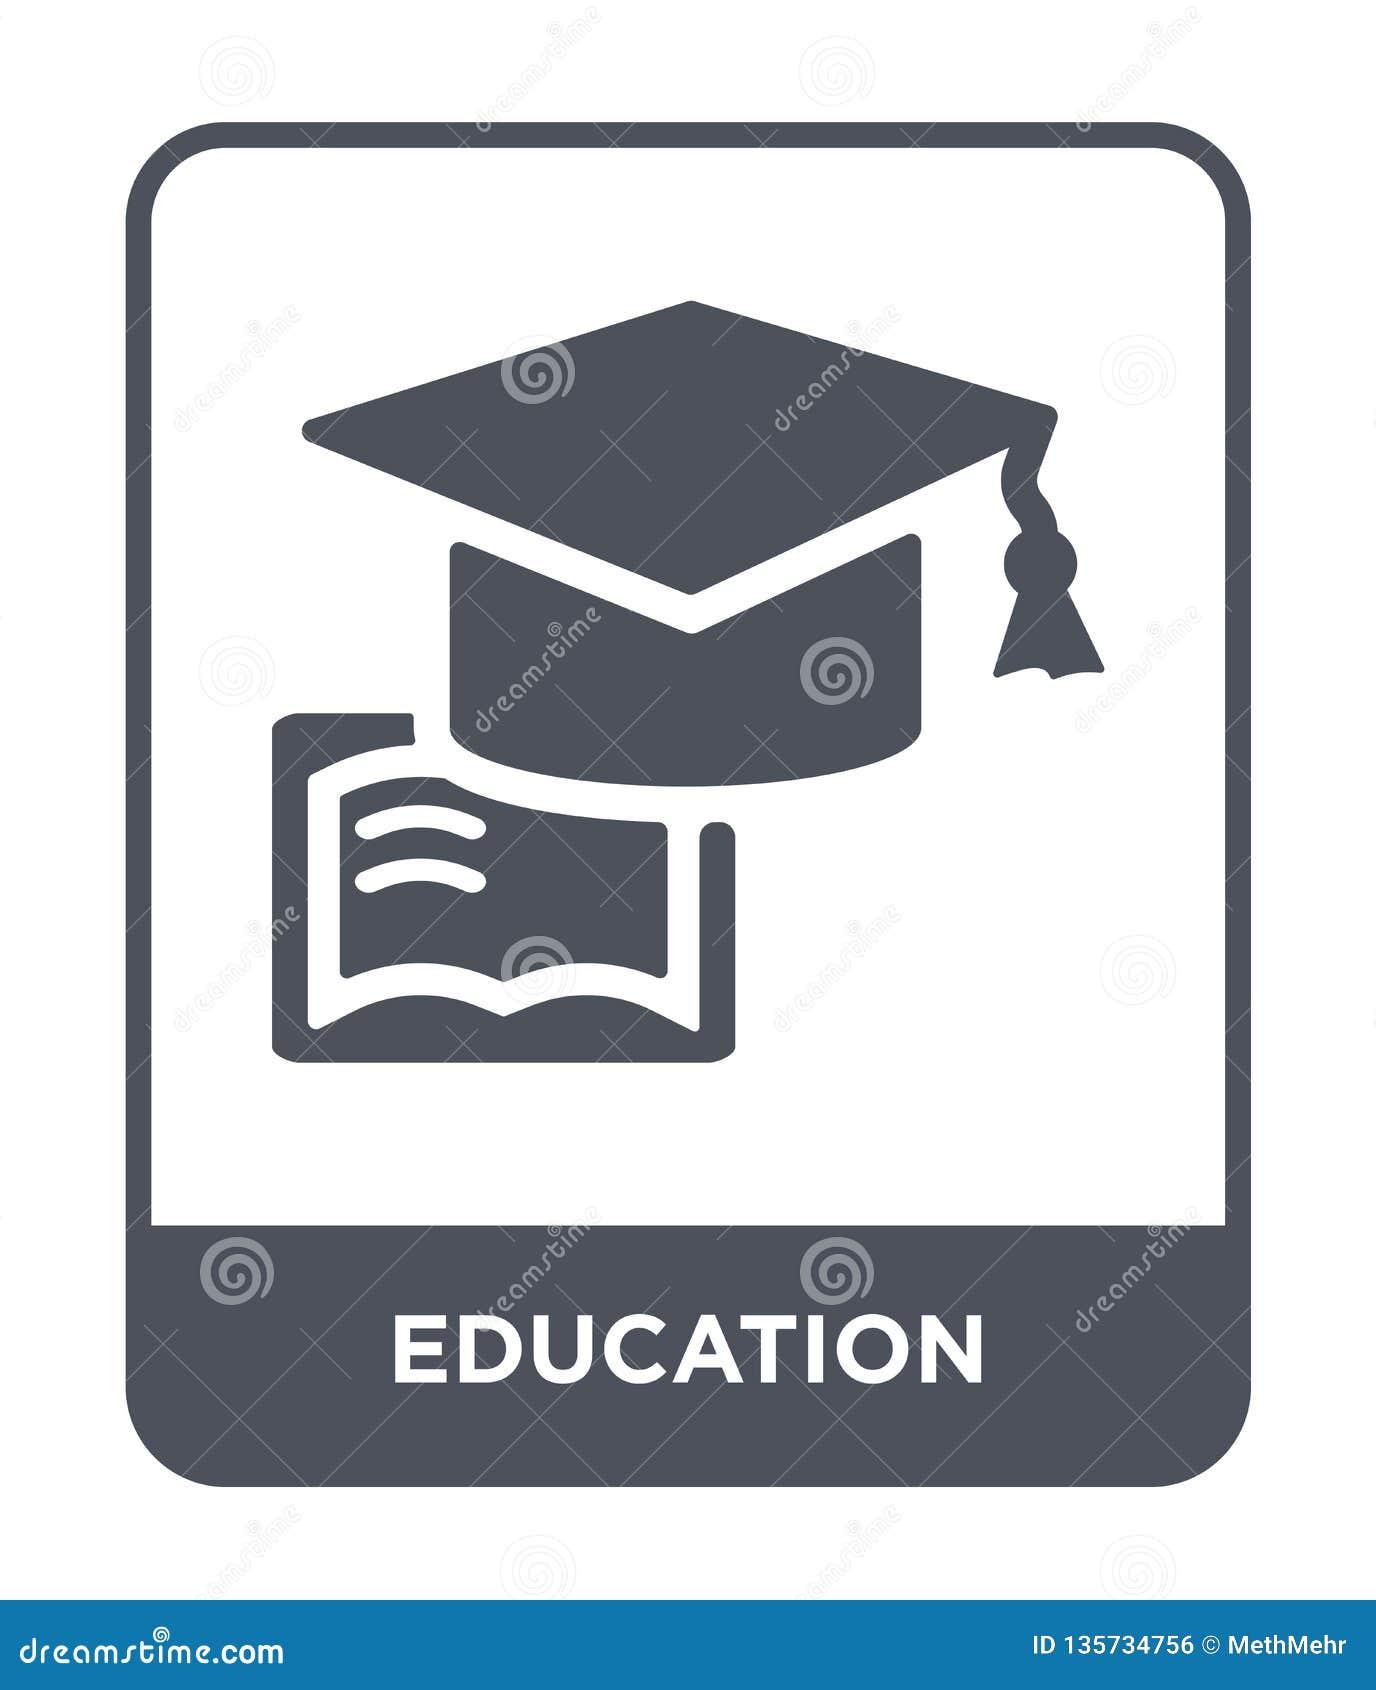 εικονίδιο εκπαίδευσης στο καθιερώνον τη μόδα ύφος σχεδίου Εικονίδιο εκπαίδευσης που απομονώνεται στο άσπρο υπόβαθρο απλό και σύγχ